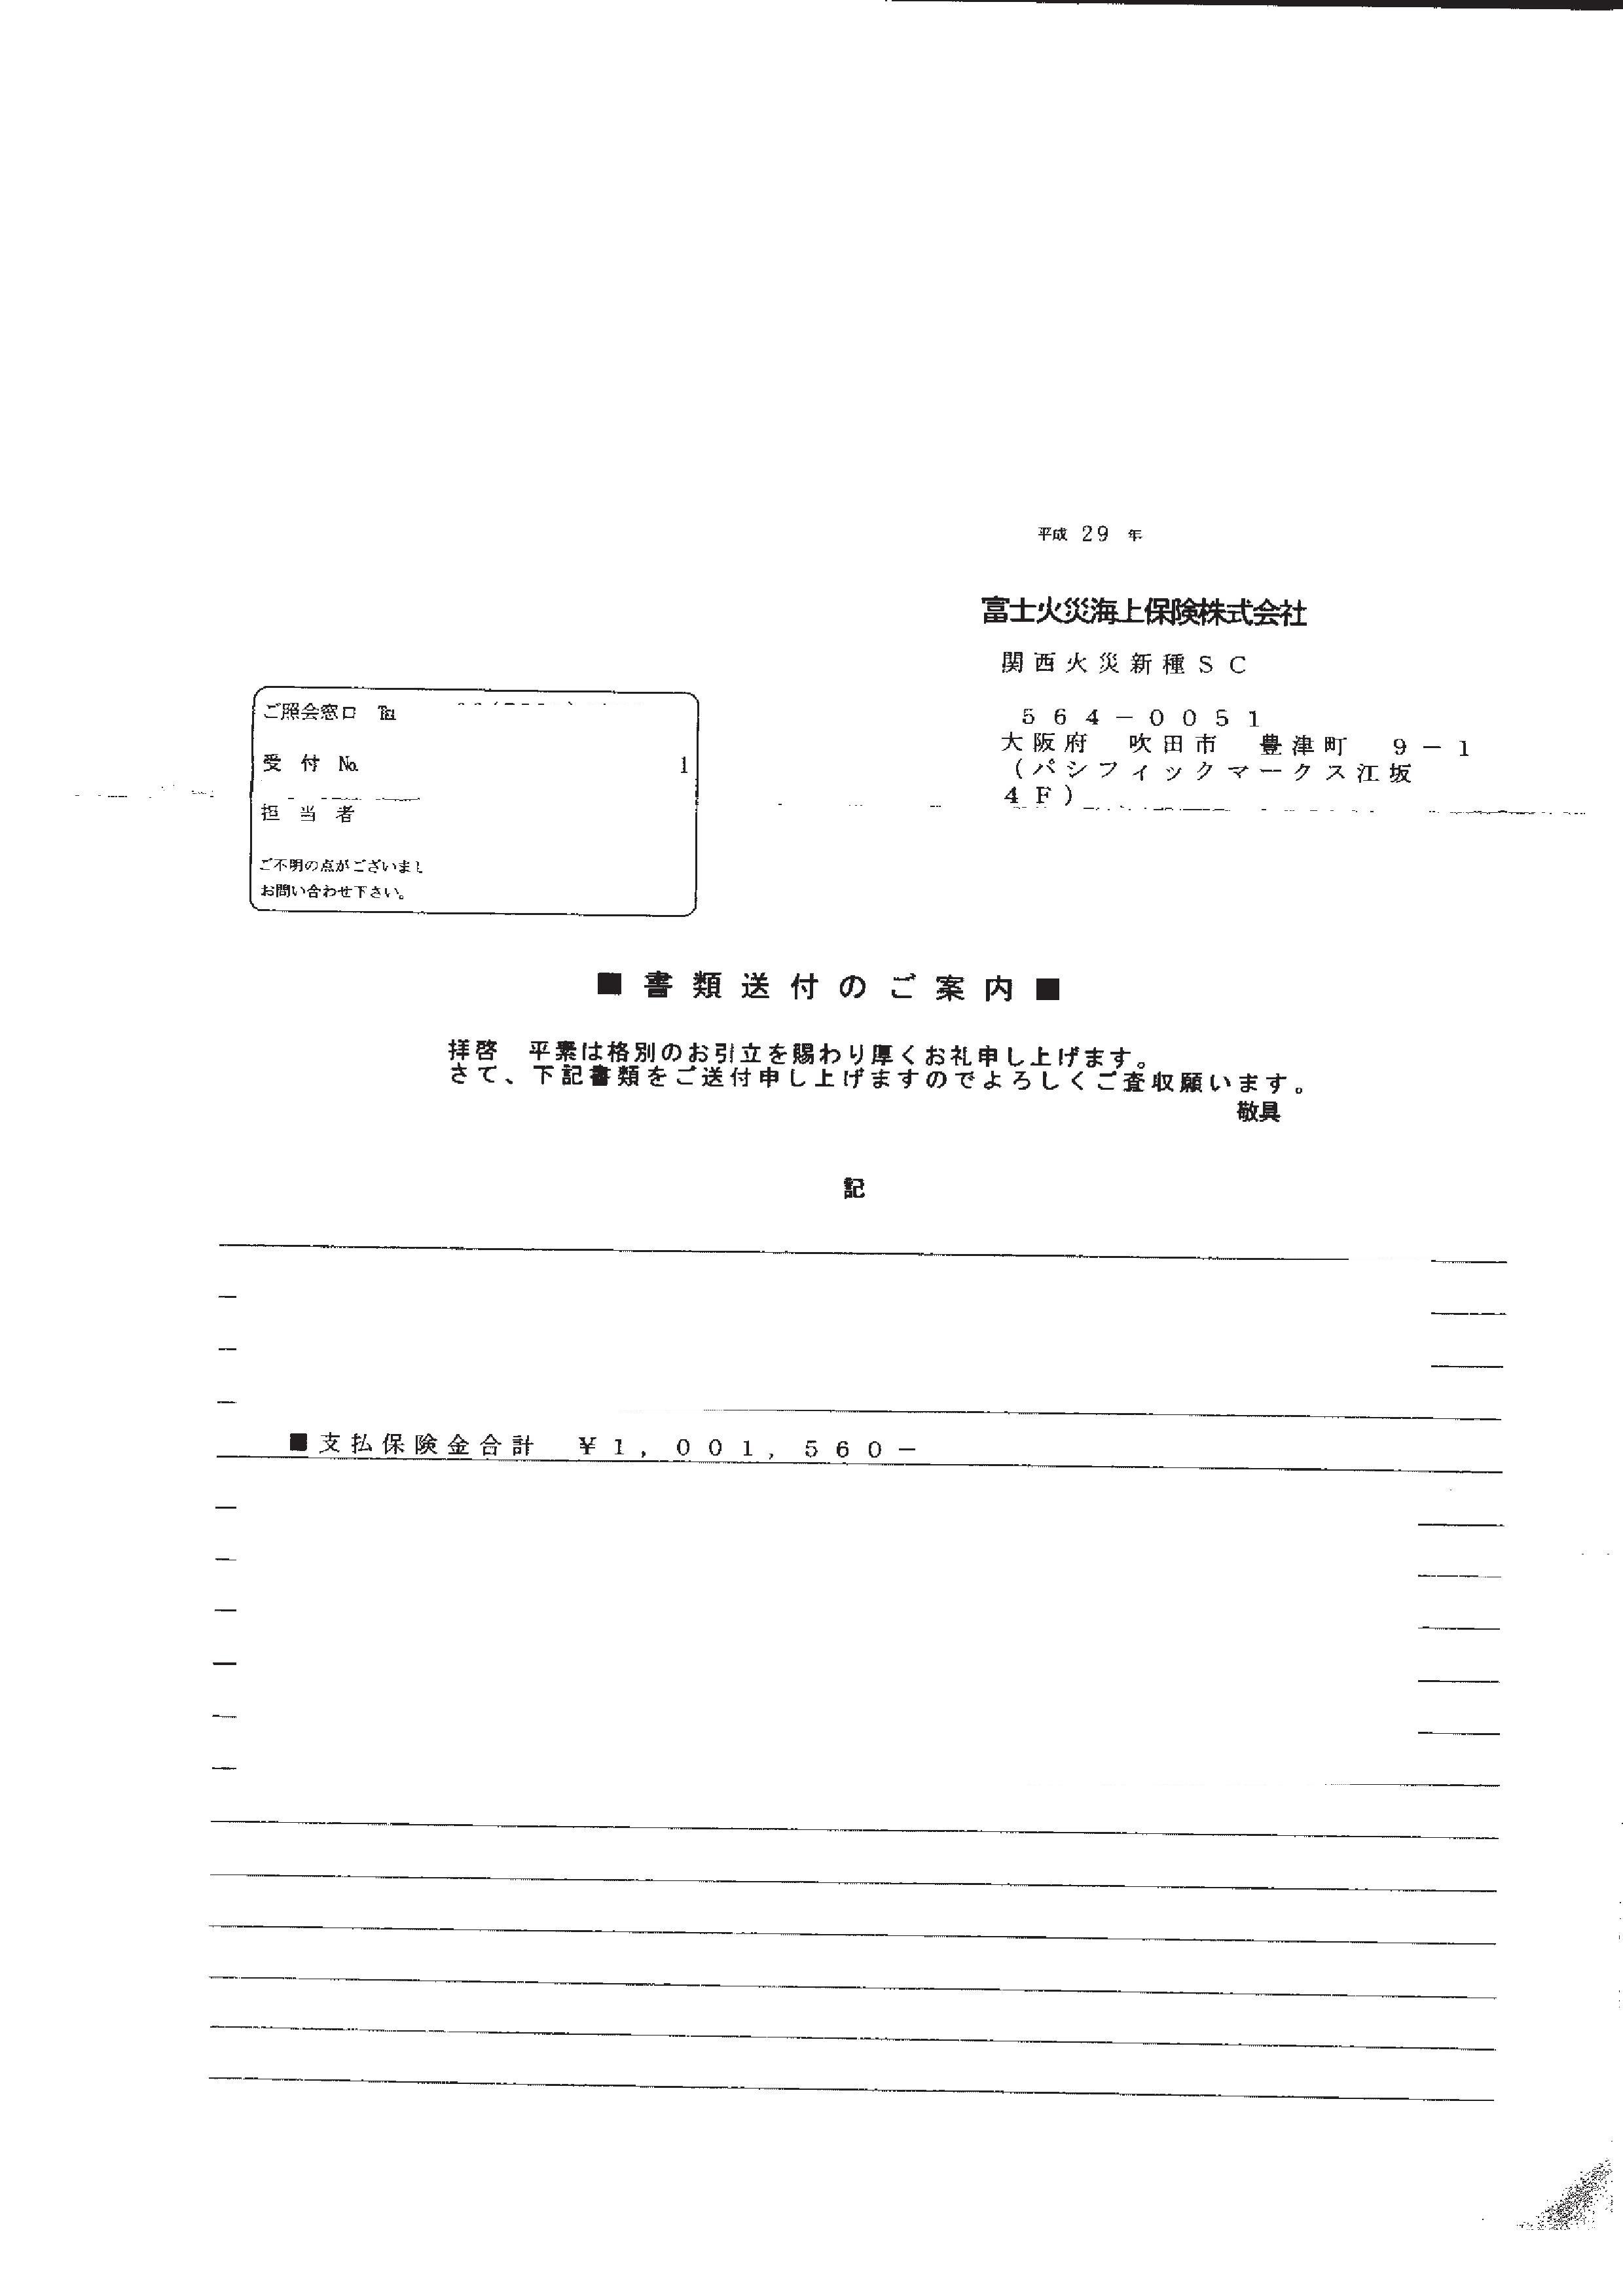 柳田様 証明書 100のやつ